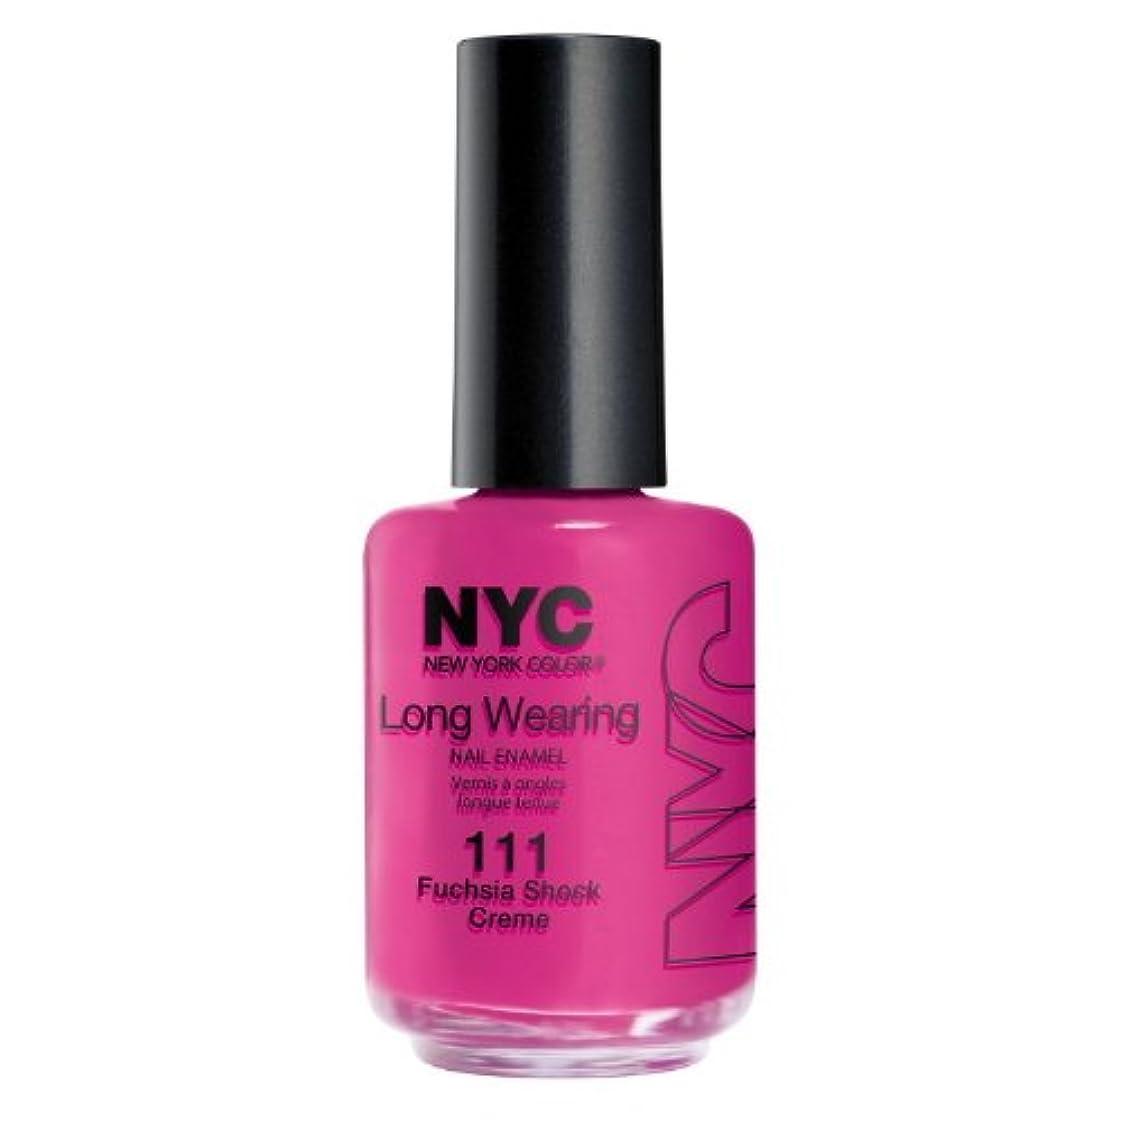 住人ベストくびれた(6 Pack) NYC Long Wearing Nail Enamel - Fuchisia Shock Creme (並行輸入品)